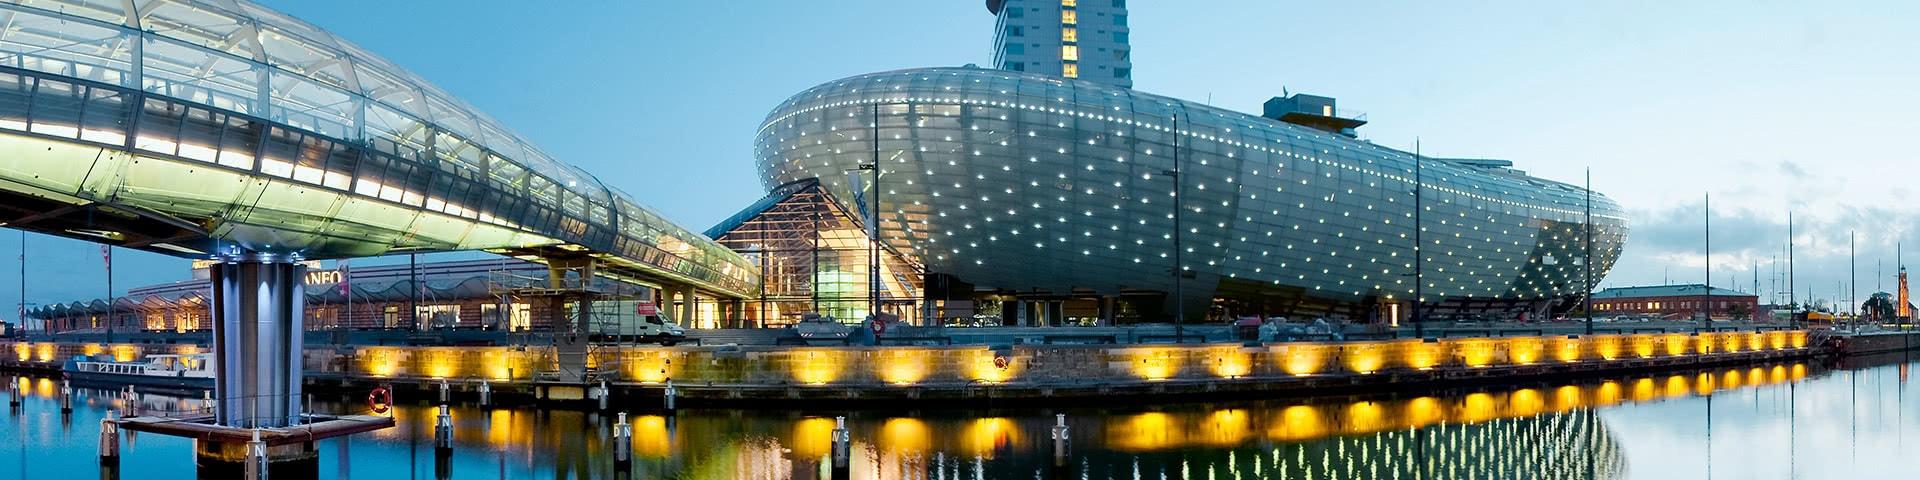 Klimahaus in Bremerhaven bei Abenddämmerung